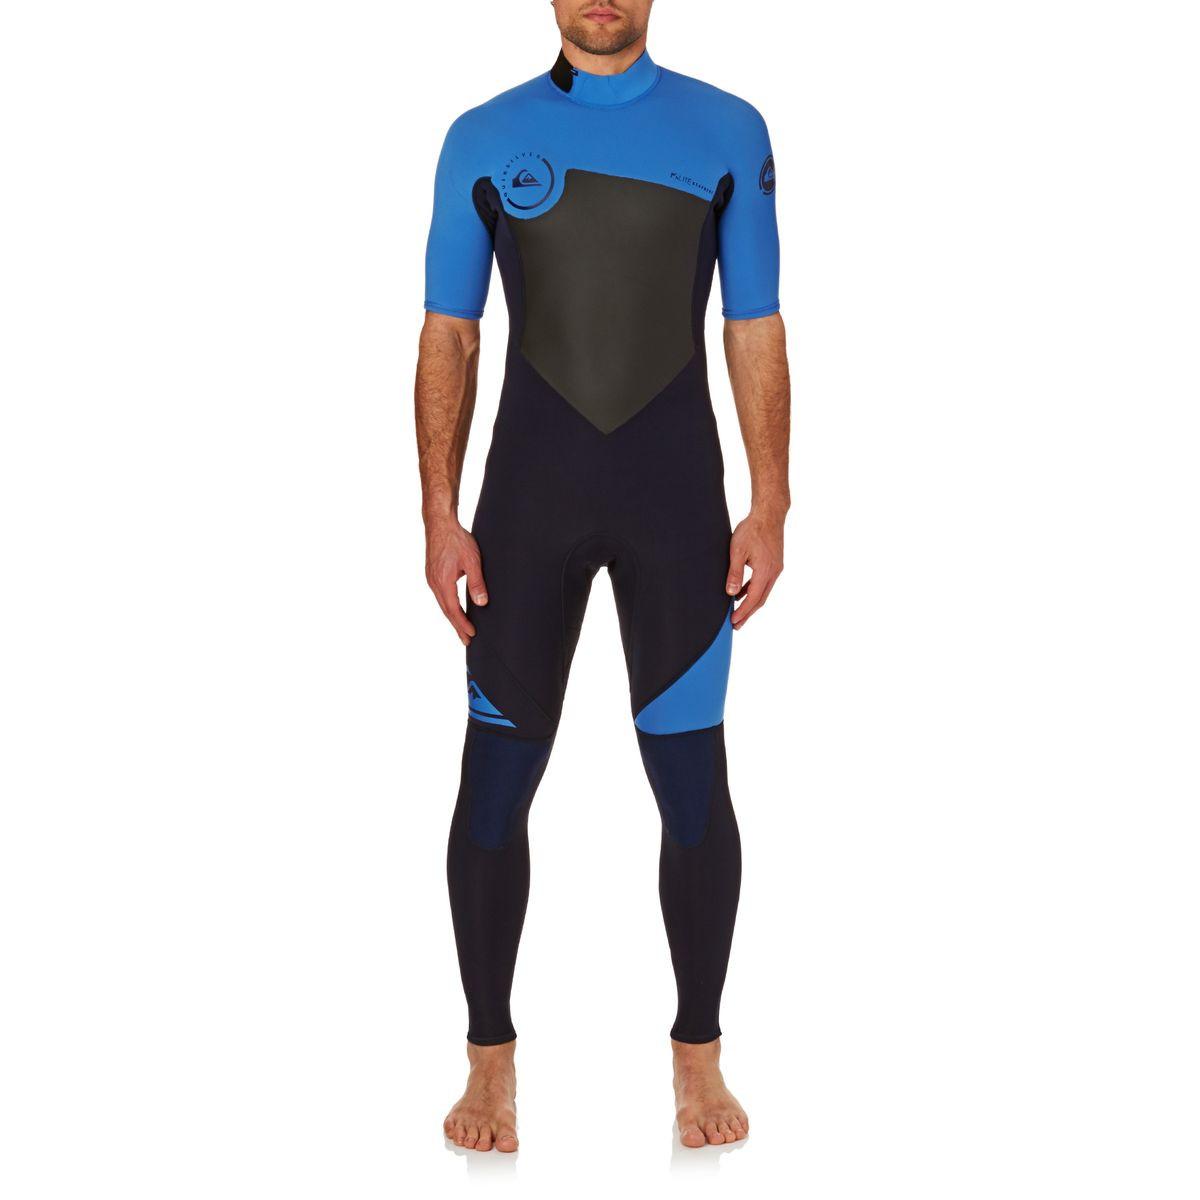 Quiksilver Syncro 2mm 2017 Short Sleeve Back Zip Wetsuit - Navy Blazer